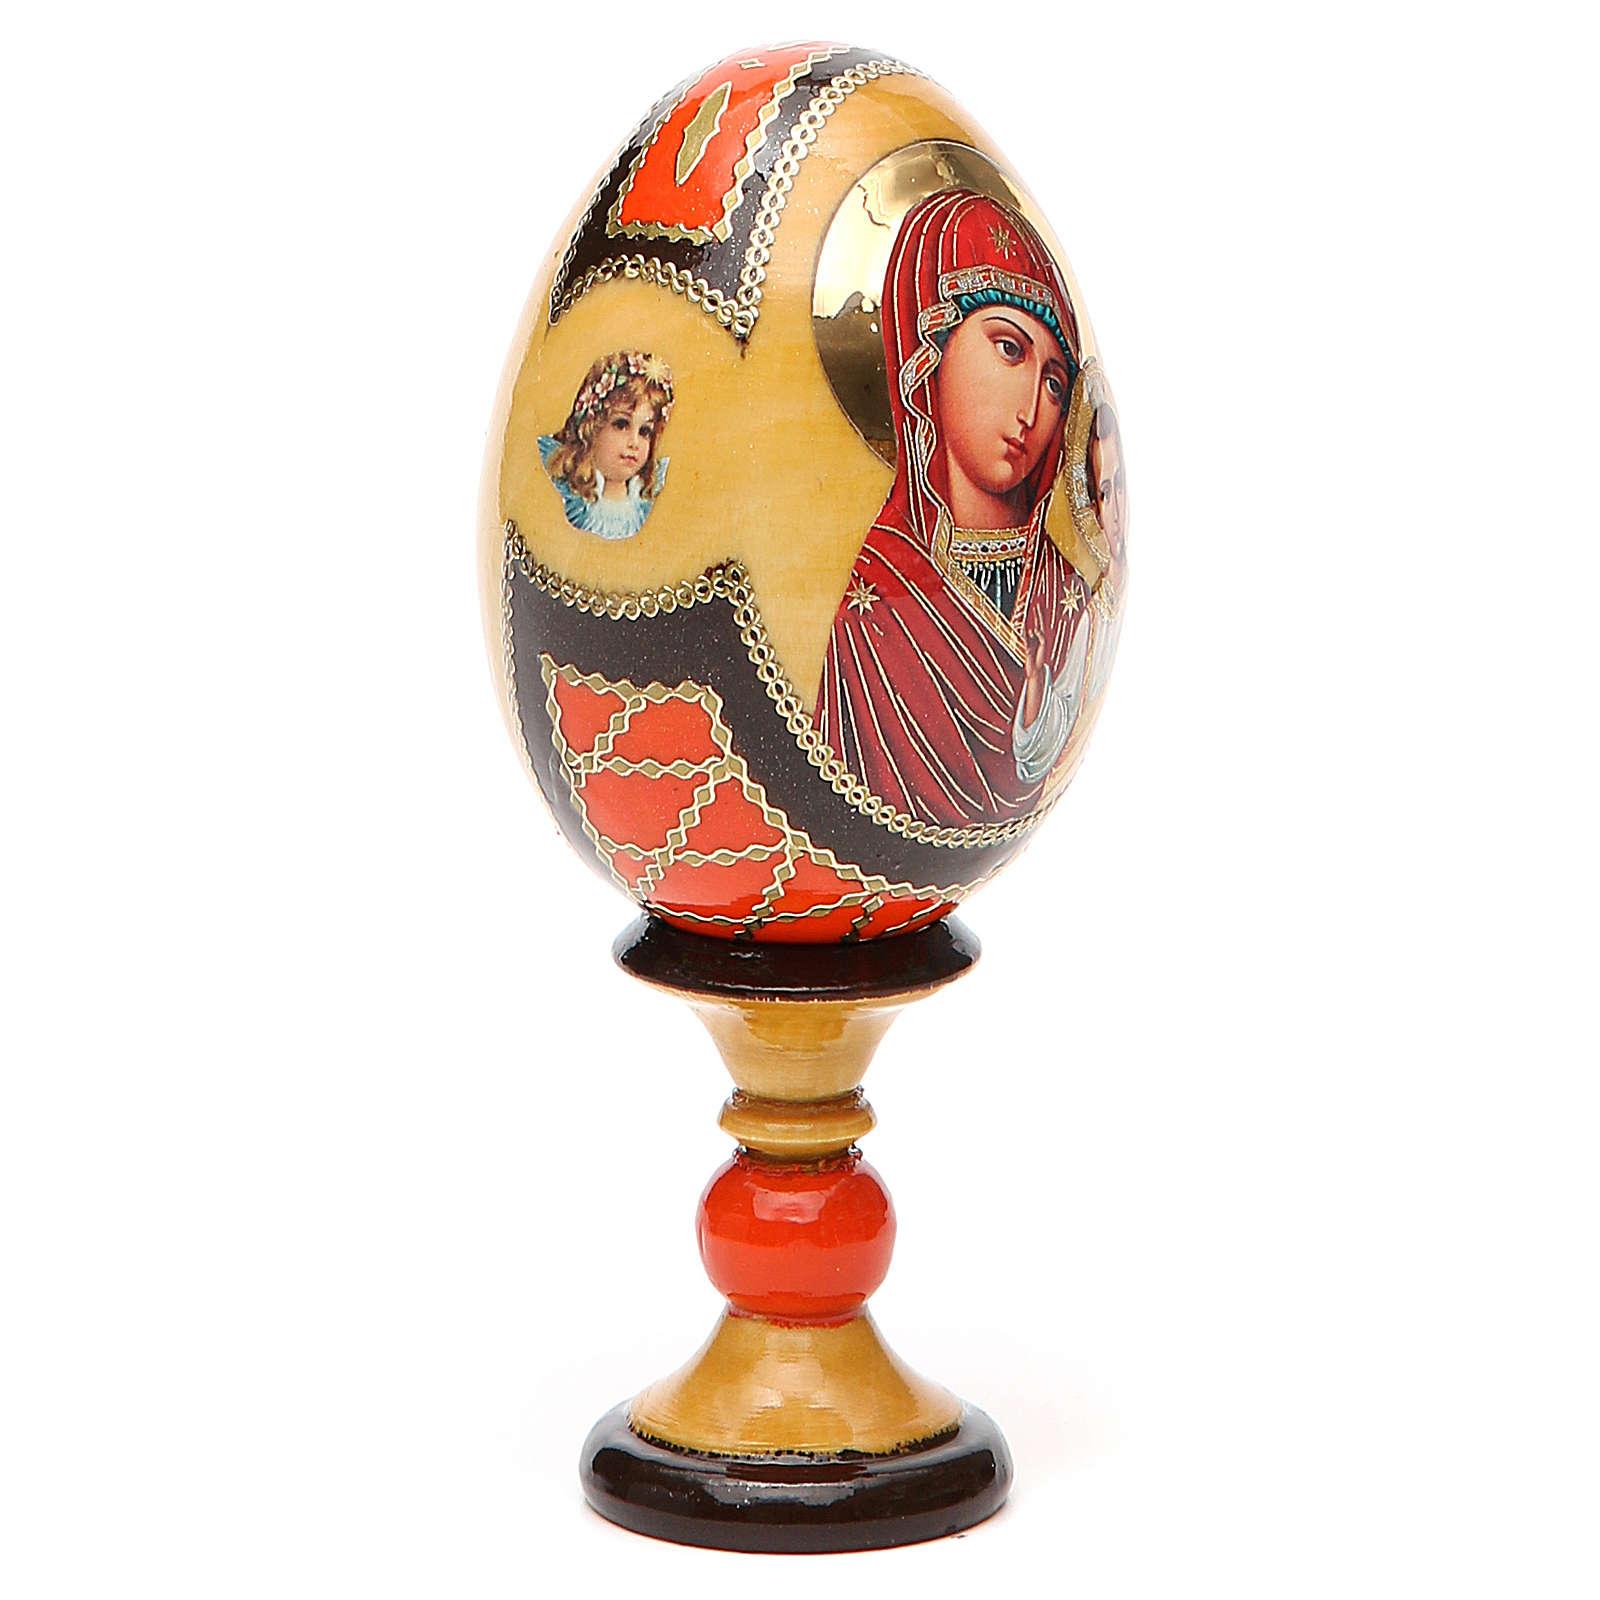 Oeuf Russie Kazanskaya h 13 cm 4